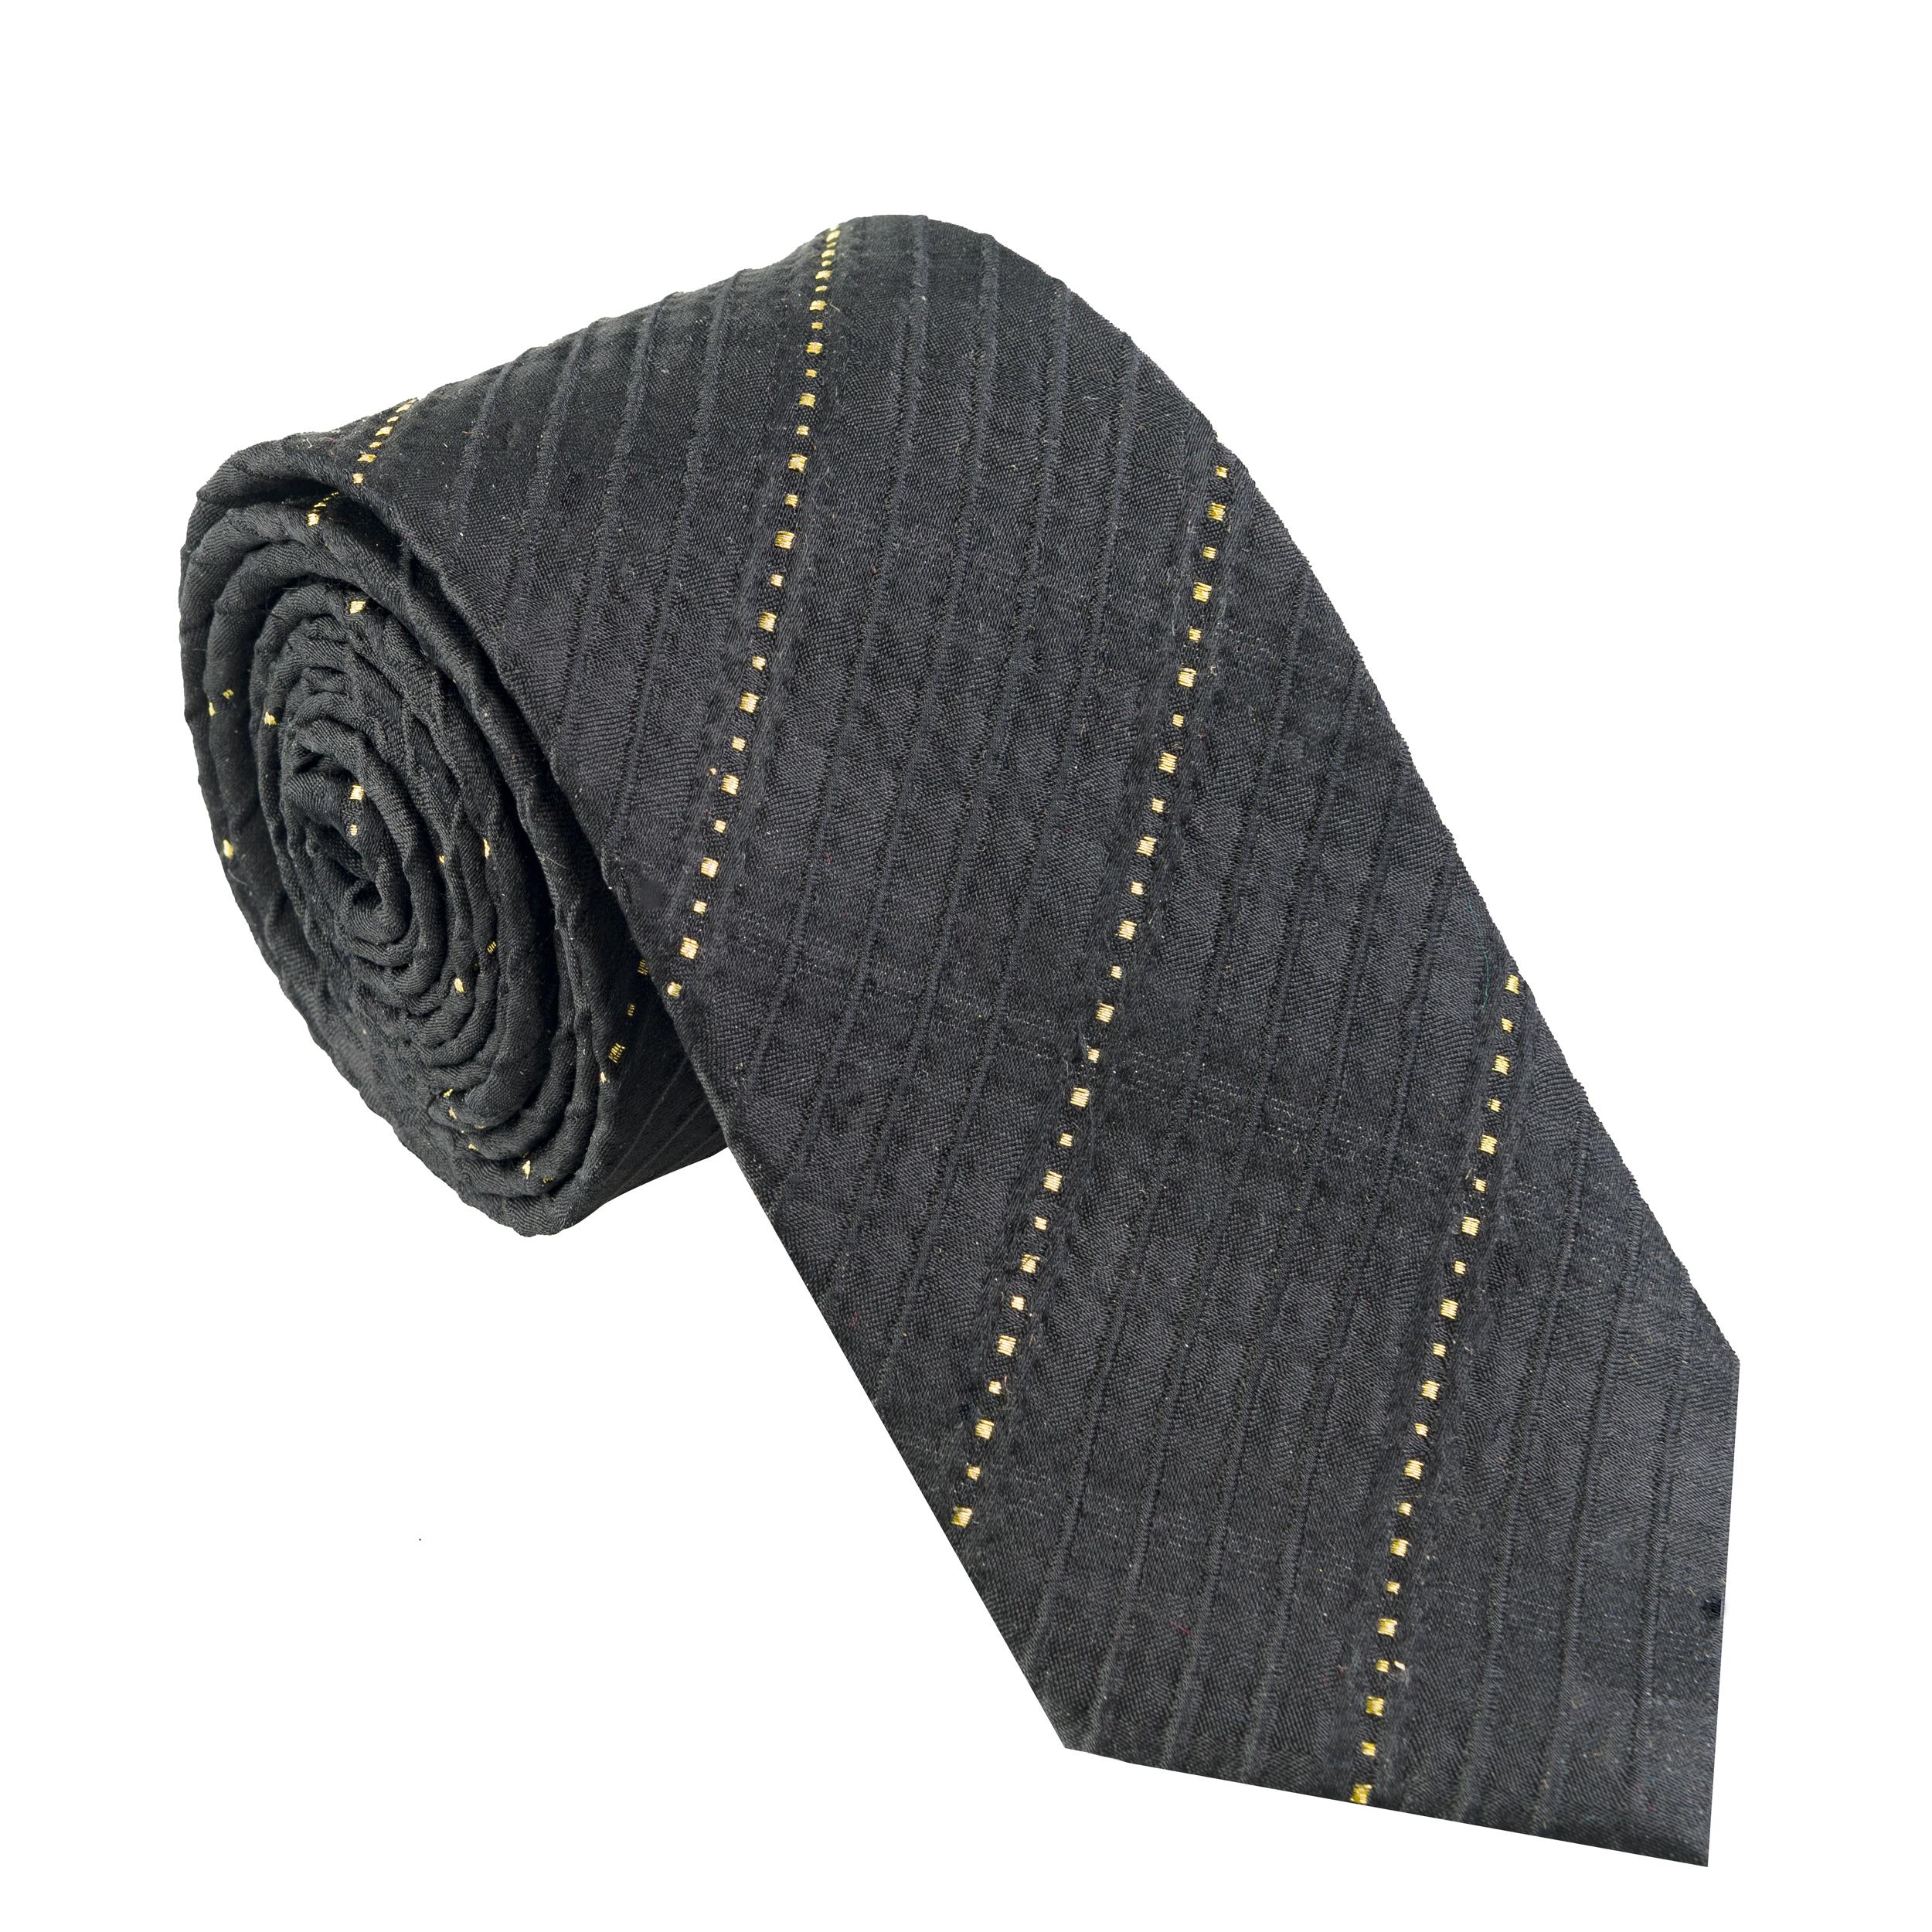 کراوات مردانه جیان فرانکو روسی مدل GF-ST893-BK